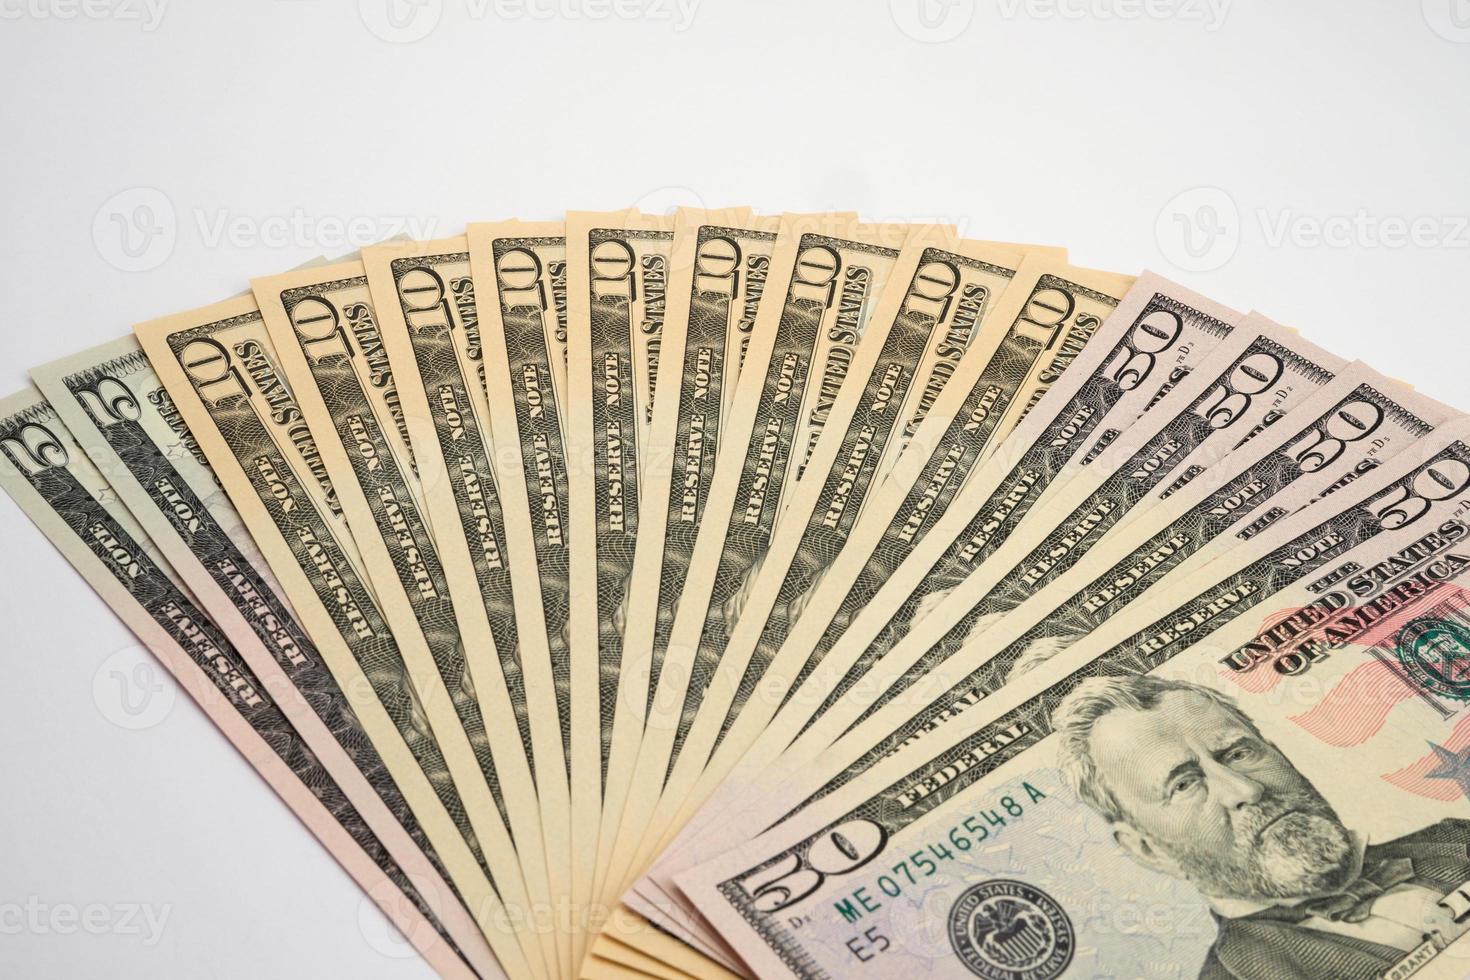 soldi americani, nuove banconote da un dollaro foto